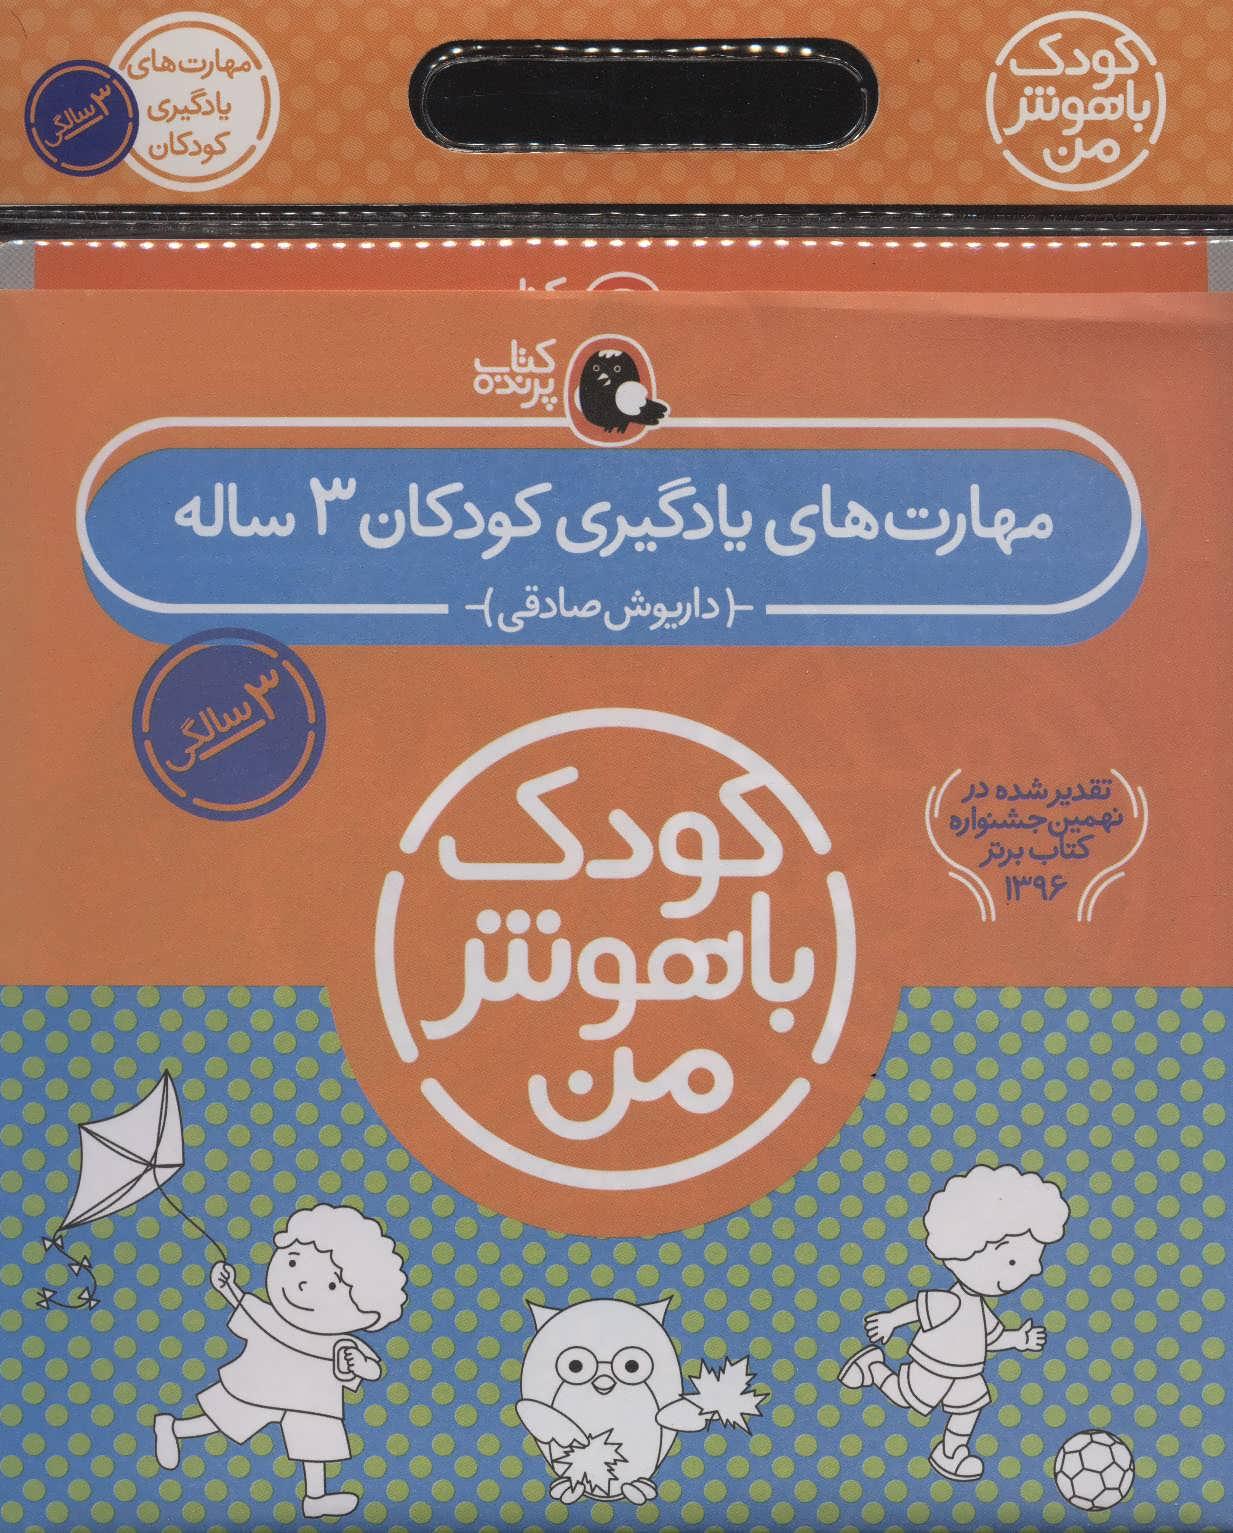 مجموعه کودک باهوش من (مهارت های یادگیری کودکان 3 ساله)،(6جلدی)